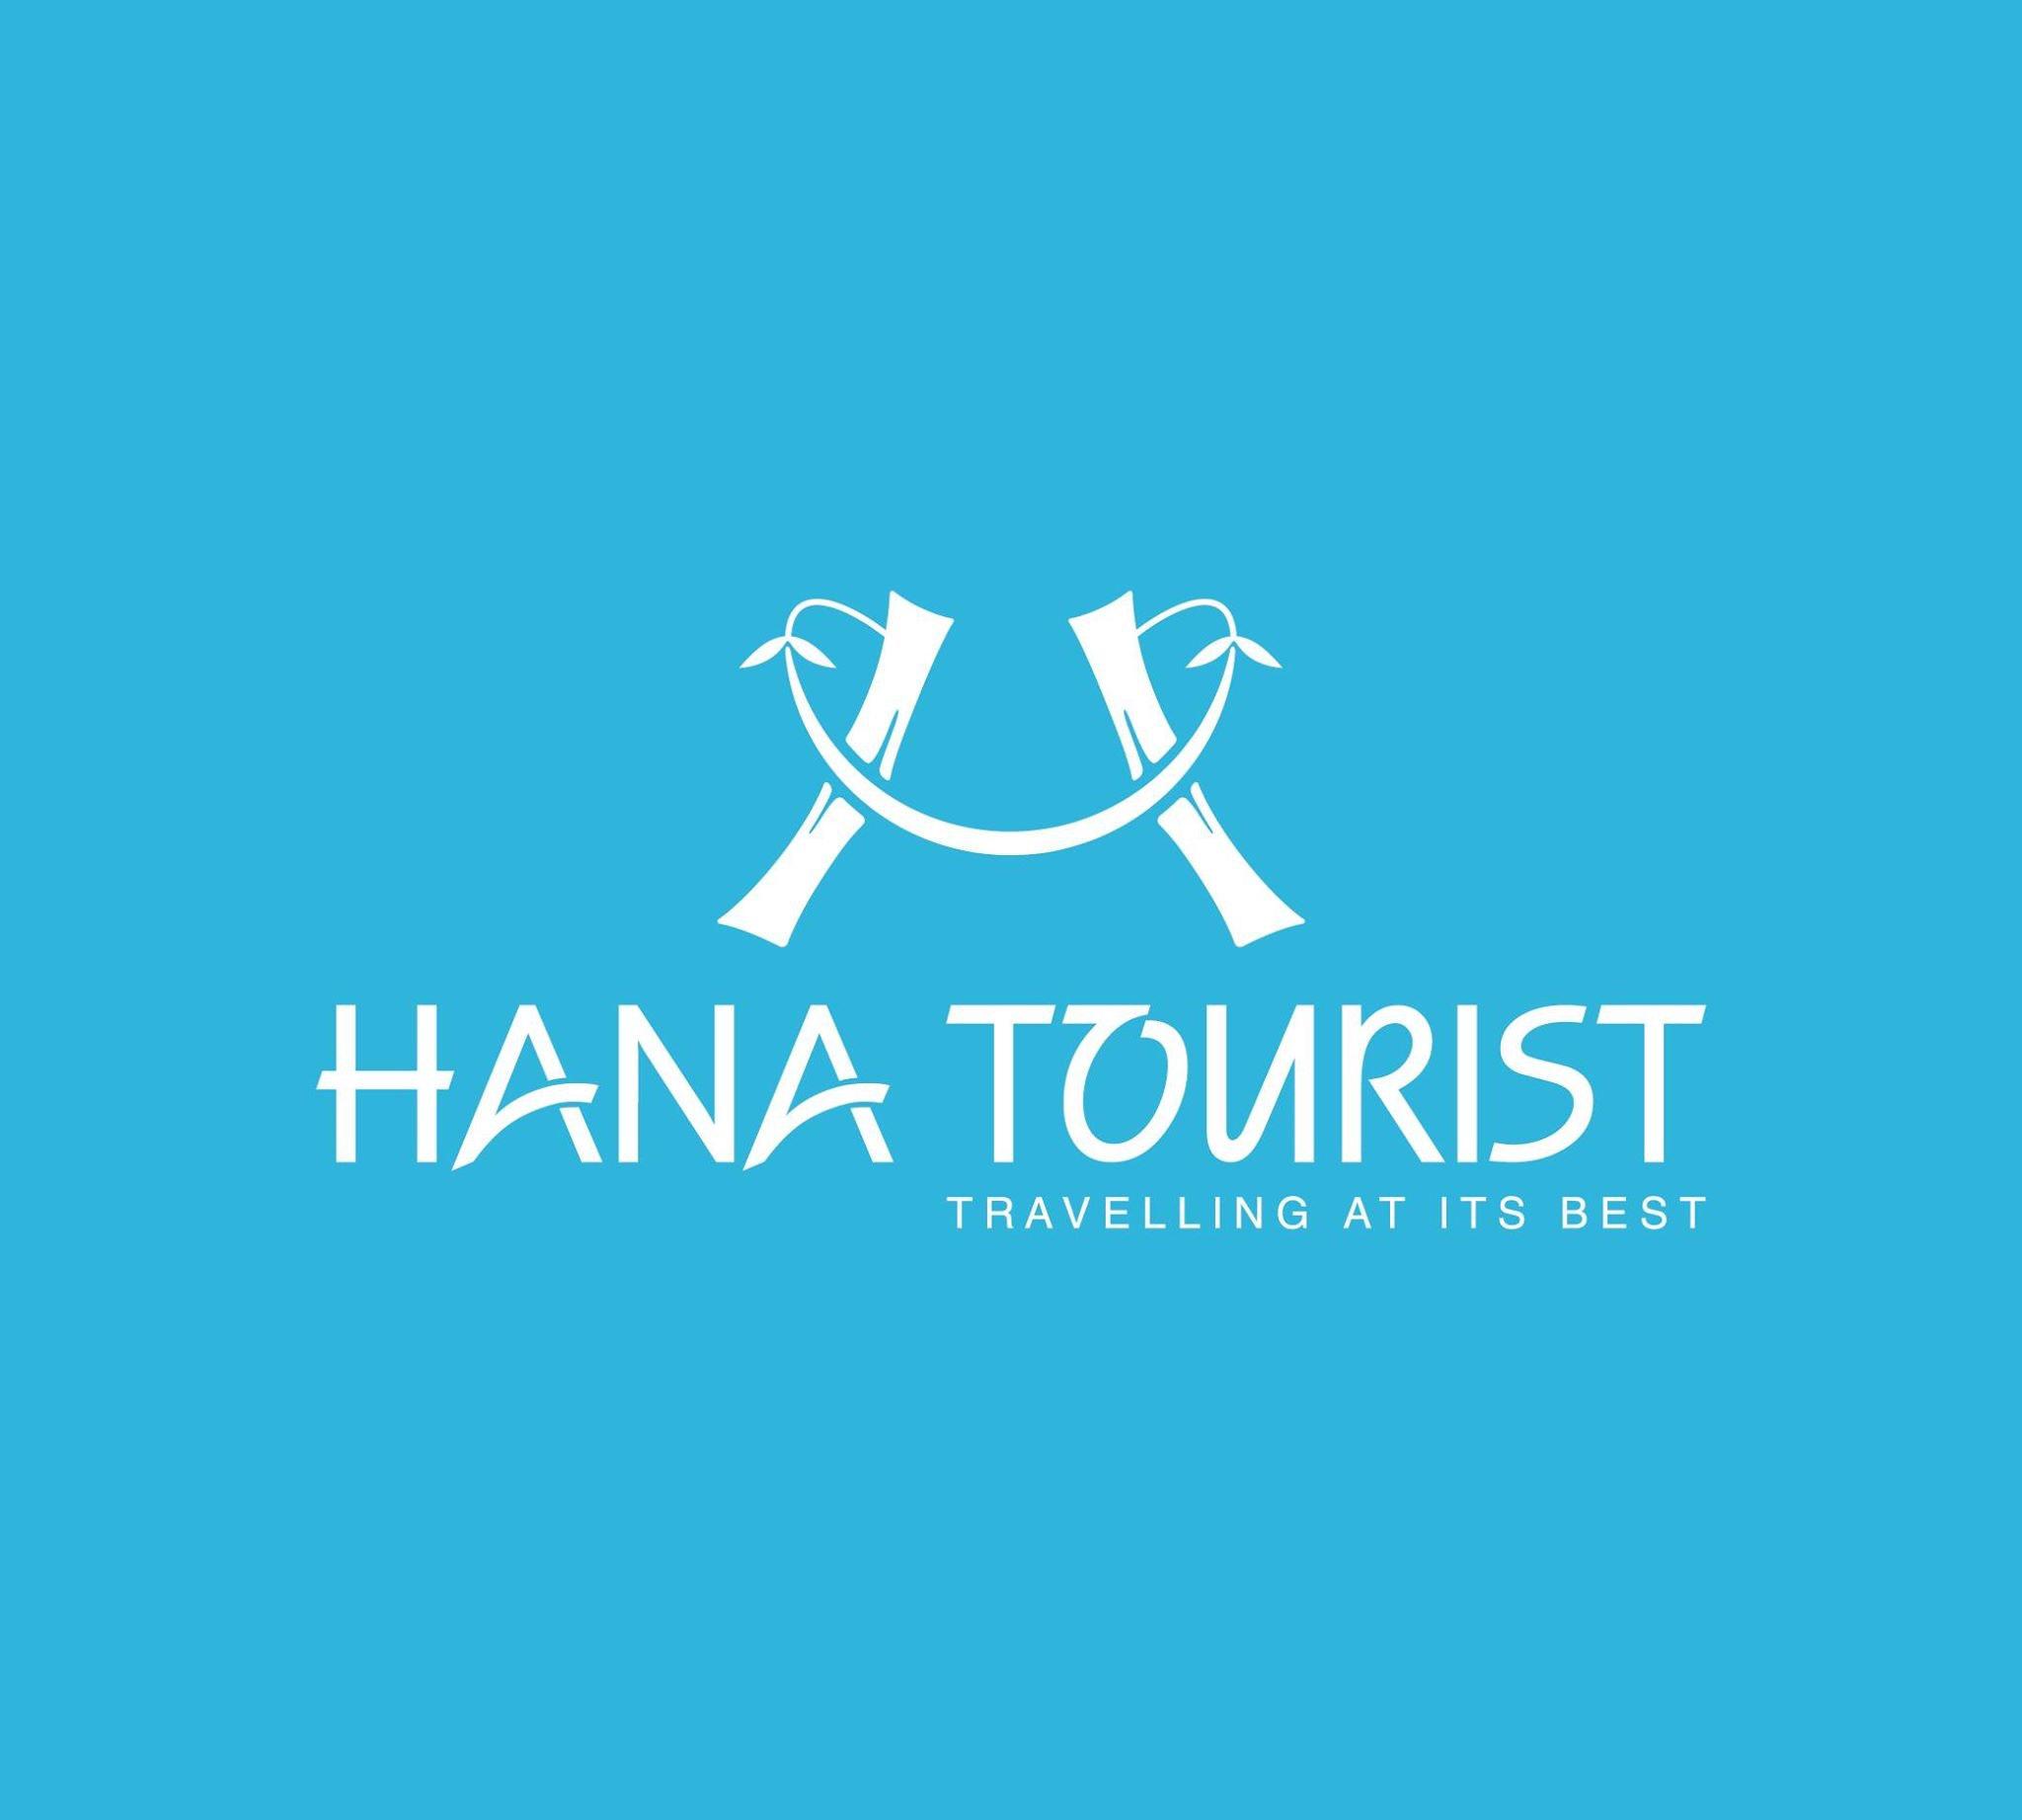 Hana Tourist Vietnam